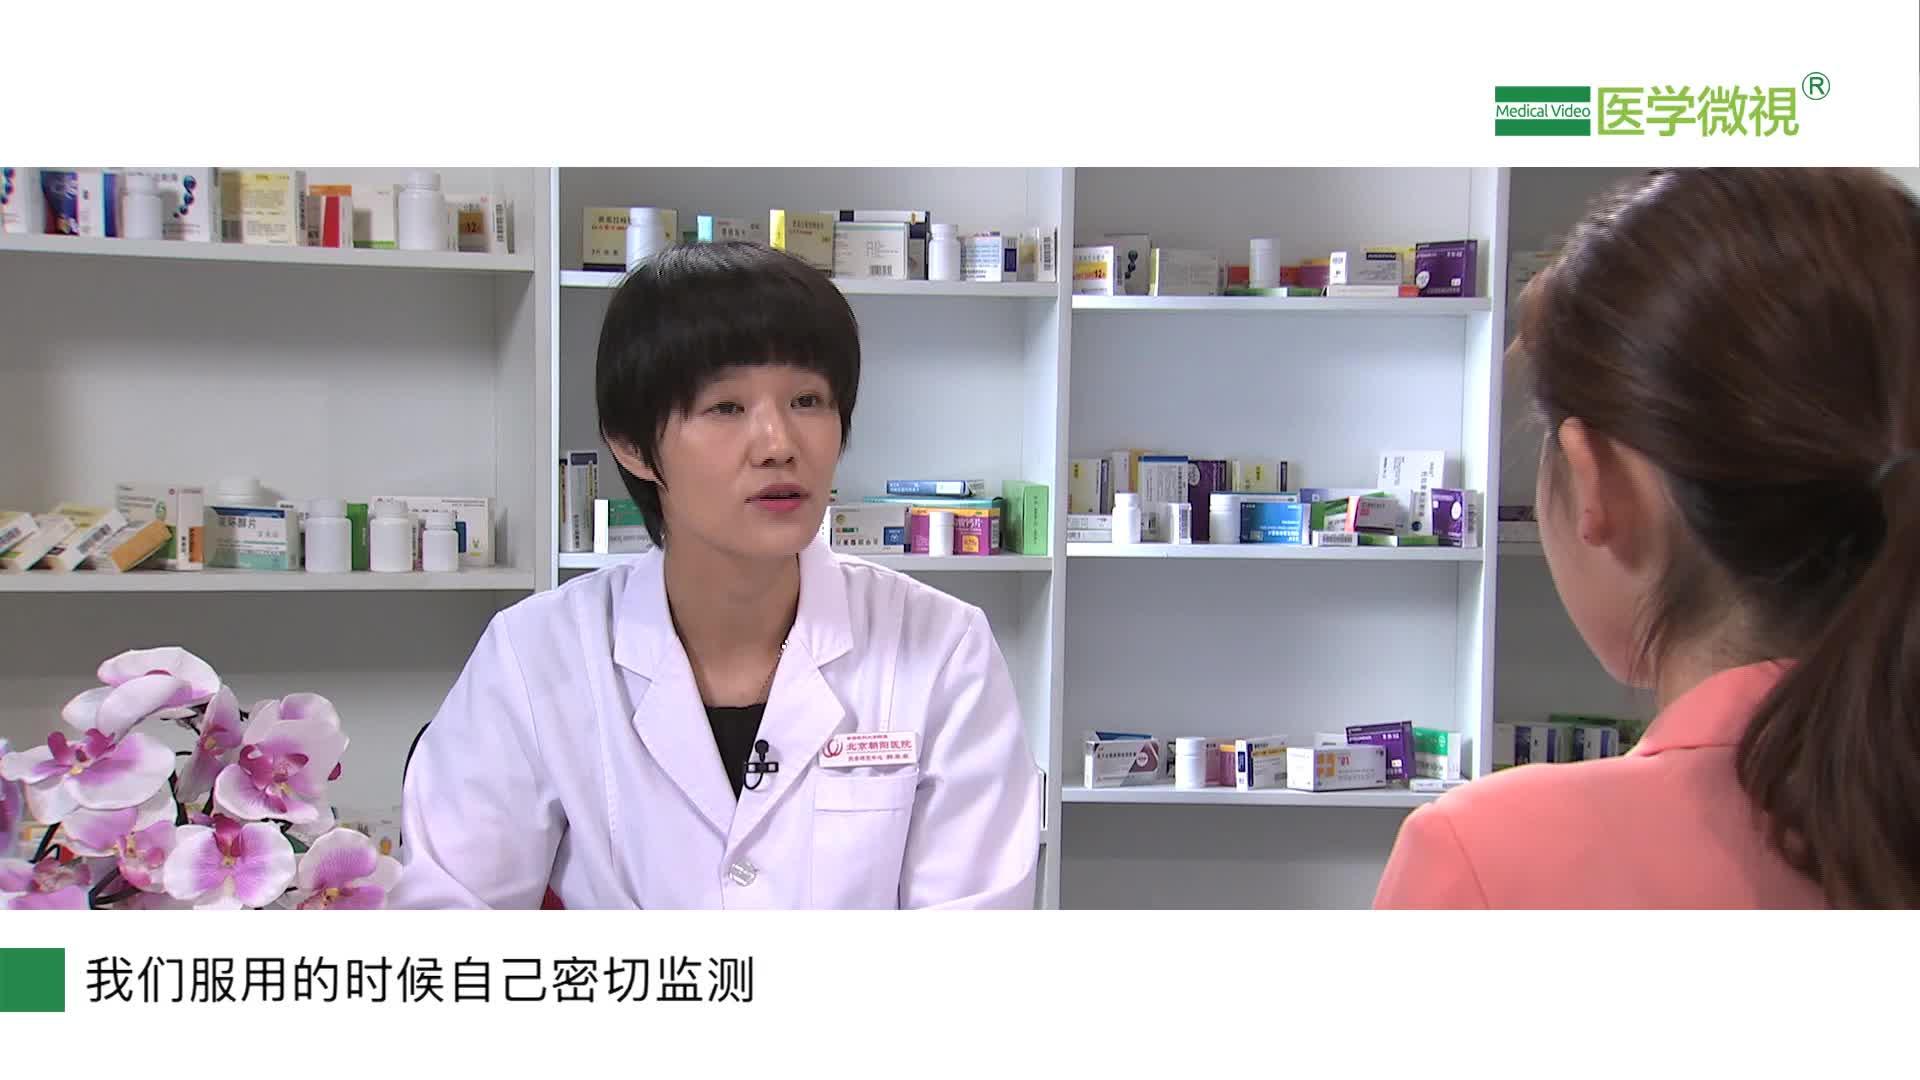 服用孟鲁司特钠片可能会有哪些不良反应?会产生依赖性吗?治咽喉炎吗